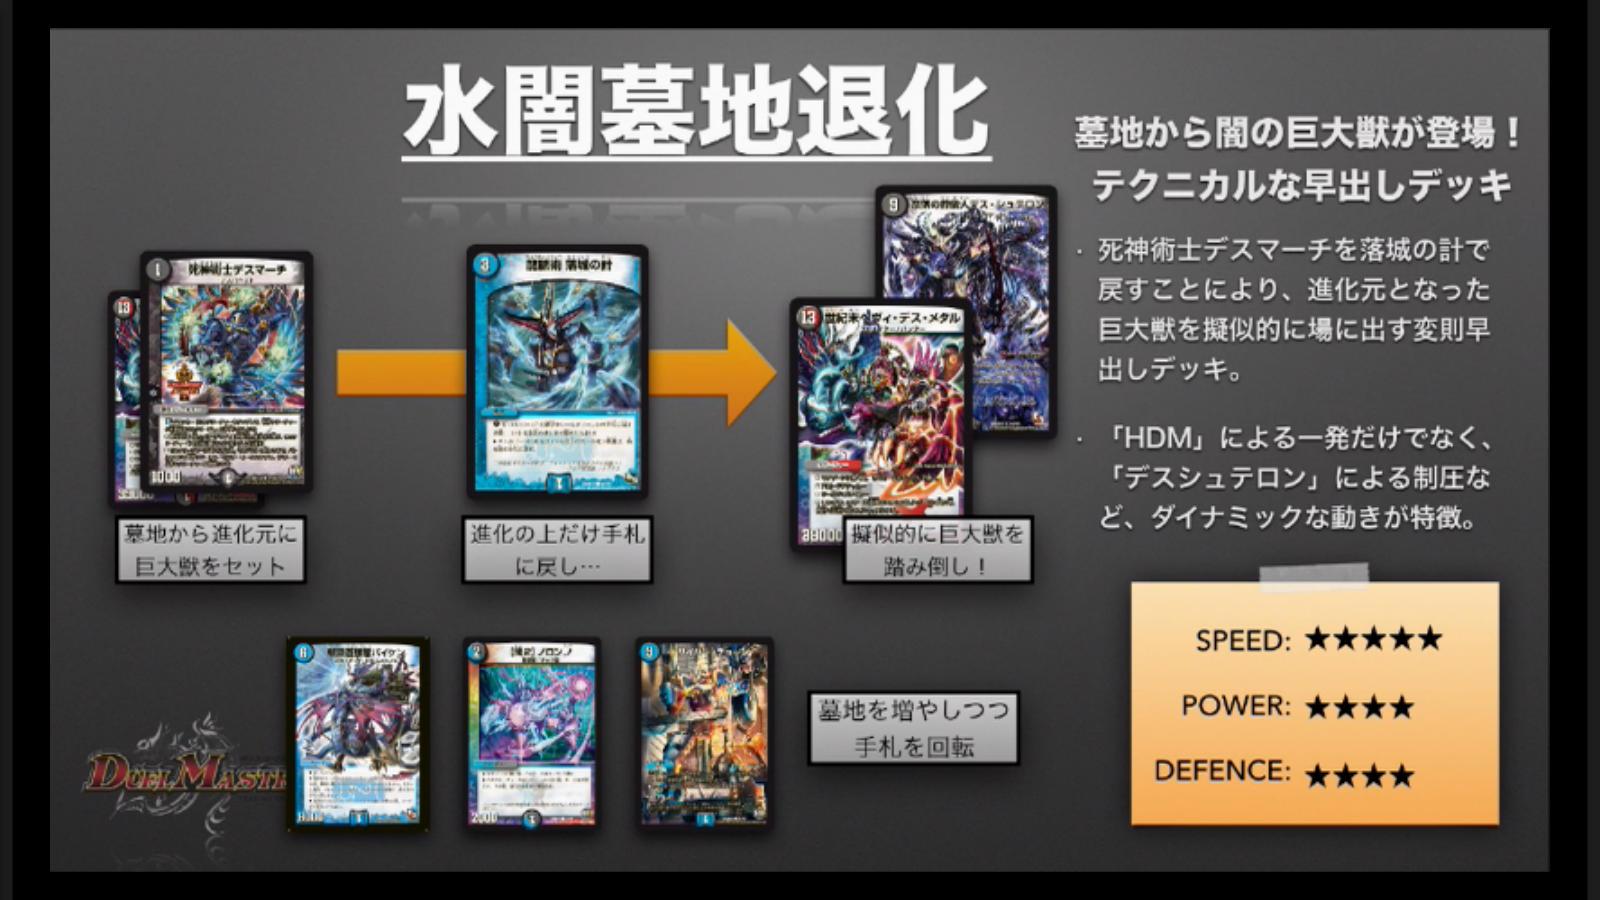 dm-kakumei-finalcup-news-170226-038.jpg